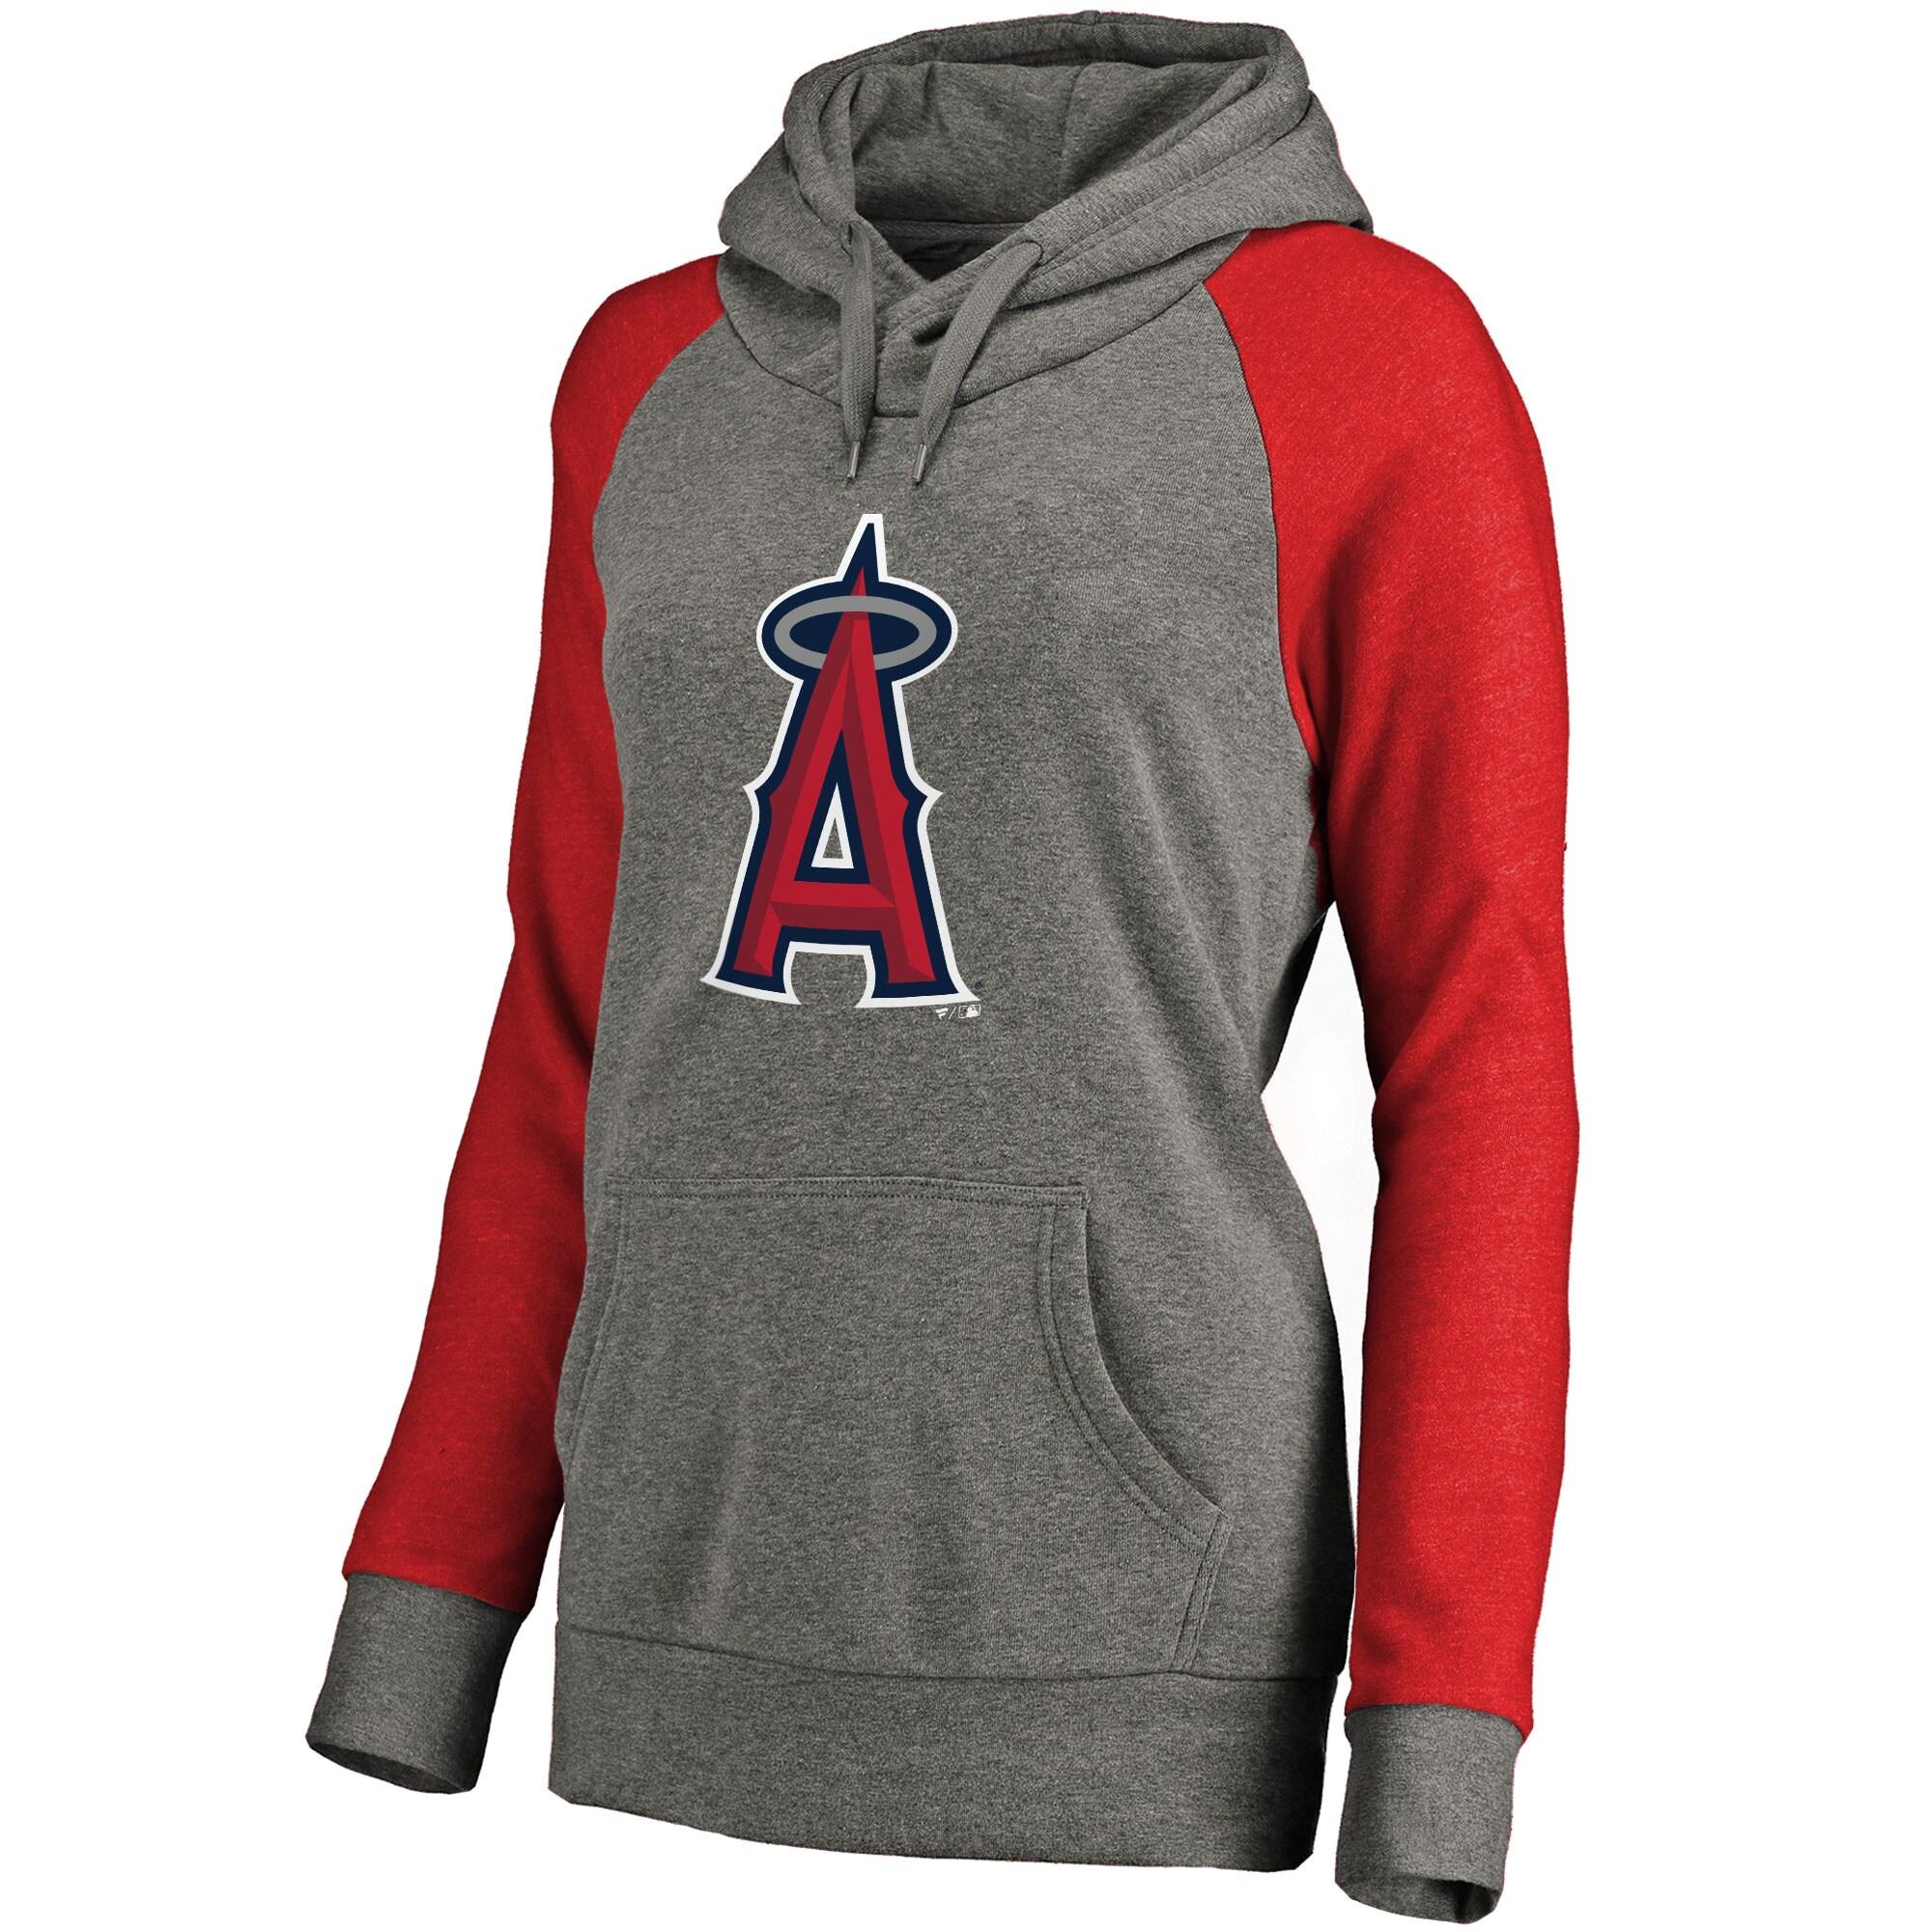 Los Angeles Angels Women's Primary Logo Raglan Sleeve Tri-Blend Pullover Hoodie - Ash